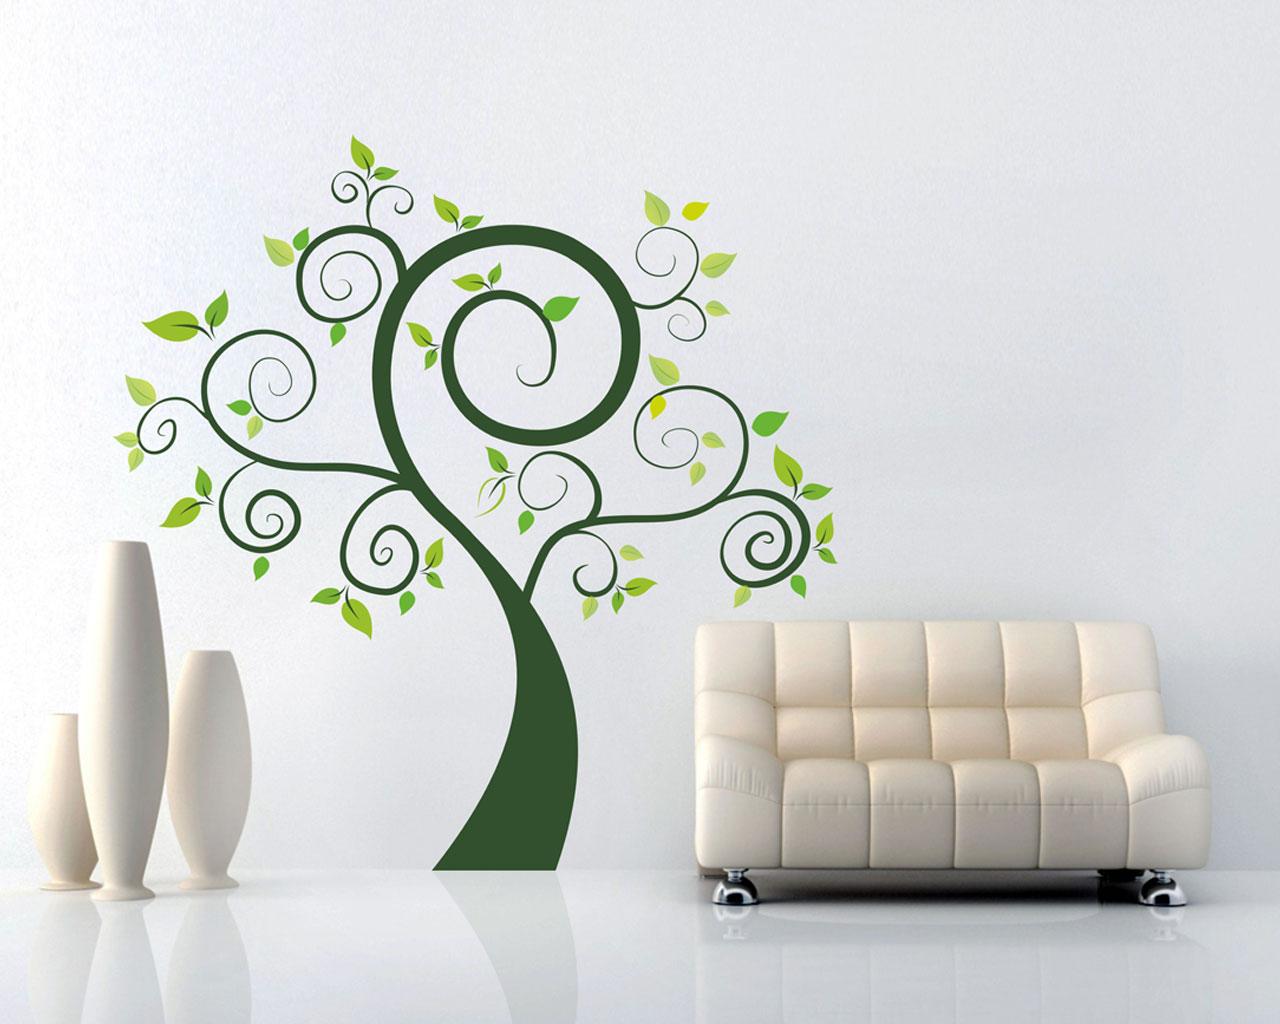 Albero verde natura adesivo murale interni decori - Adesivi parete ikea ...